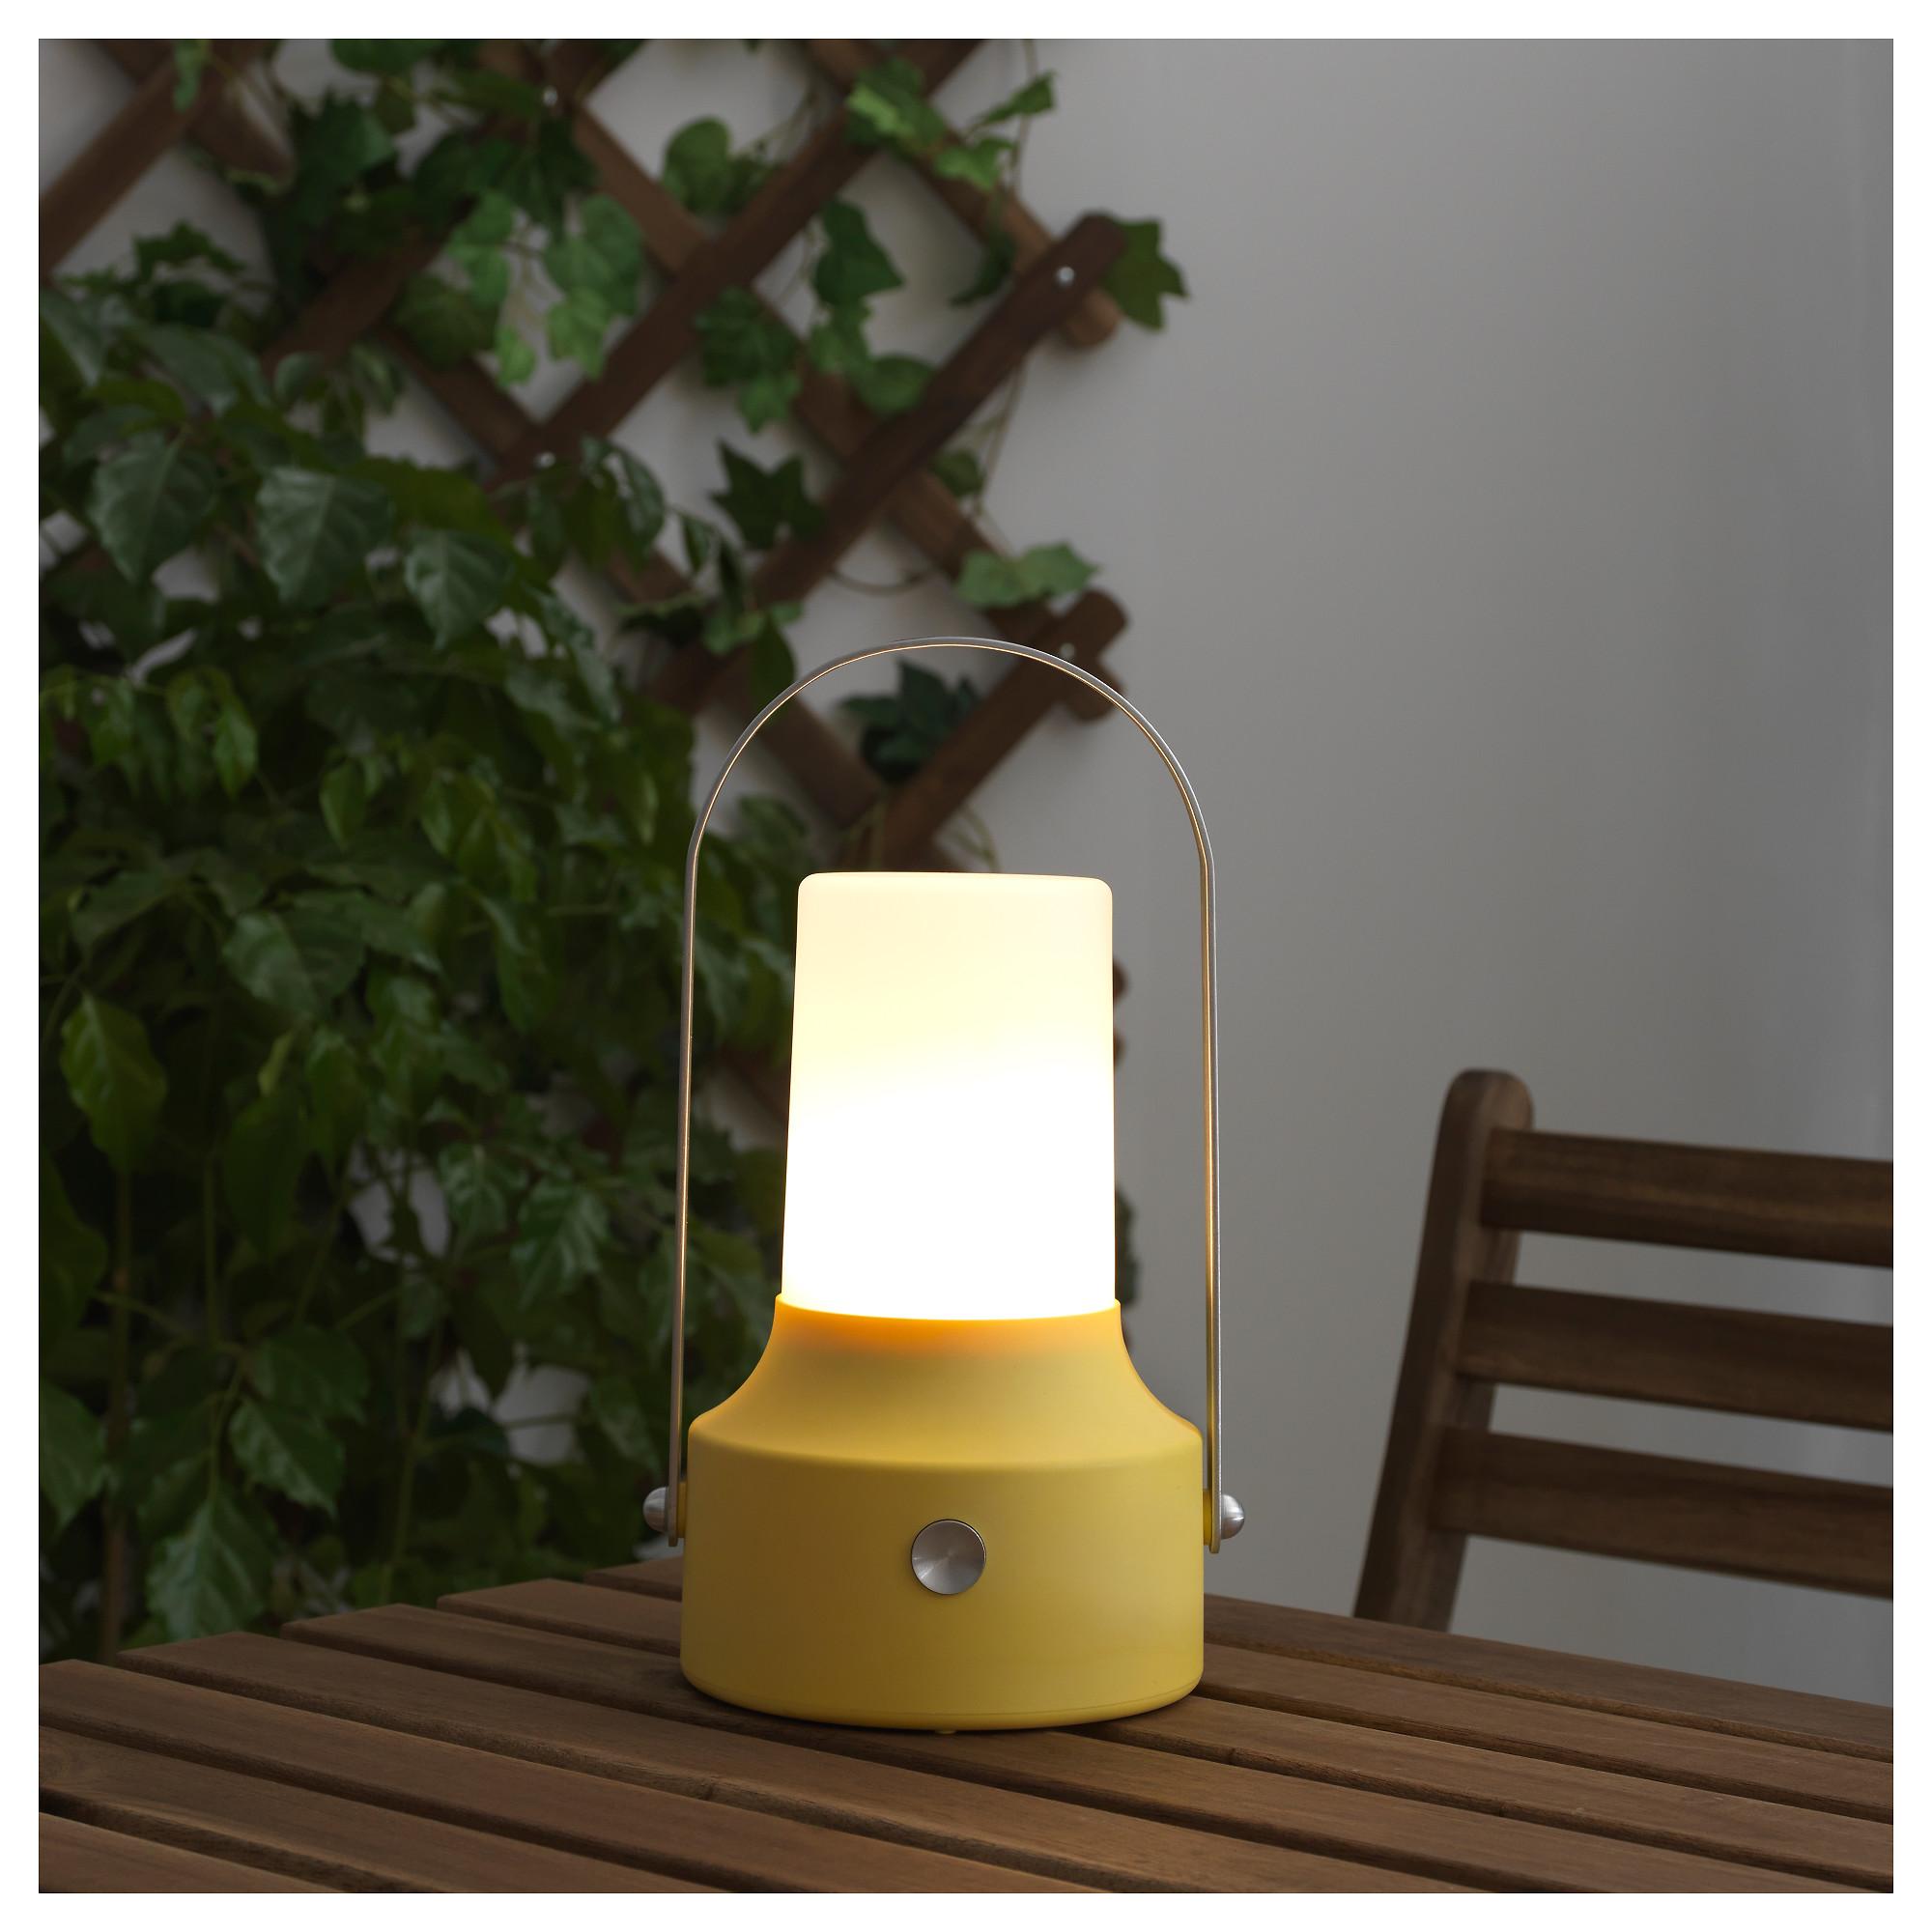 Светодиодный фонарь/солнечн батарея СОЛВИДЕН желтый артикуль № 403.832.09 в наличии. Интернет каталог IKEA РБ. Быстрая доставка и монтаж.